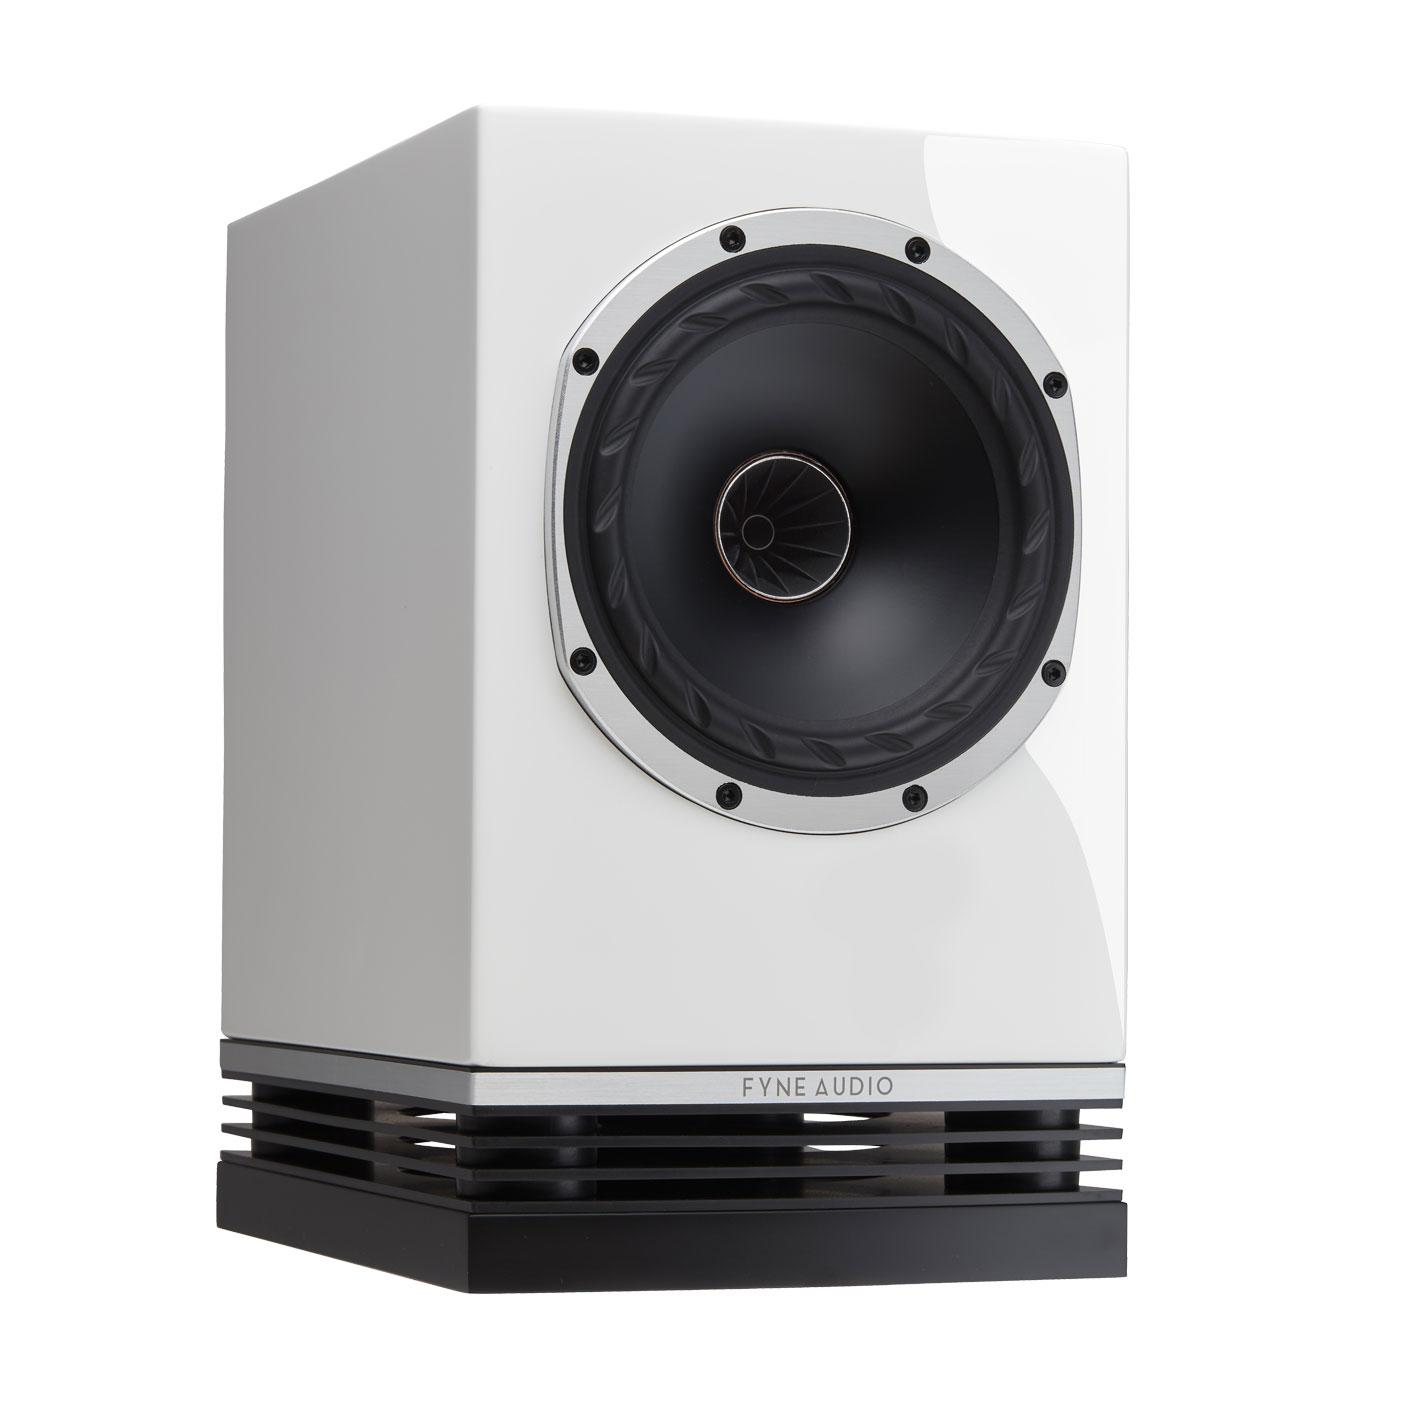 파인오디오 F500 / Fyne Audio F500 / 북셀프 스피커